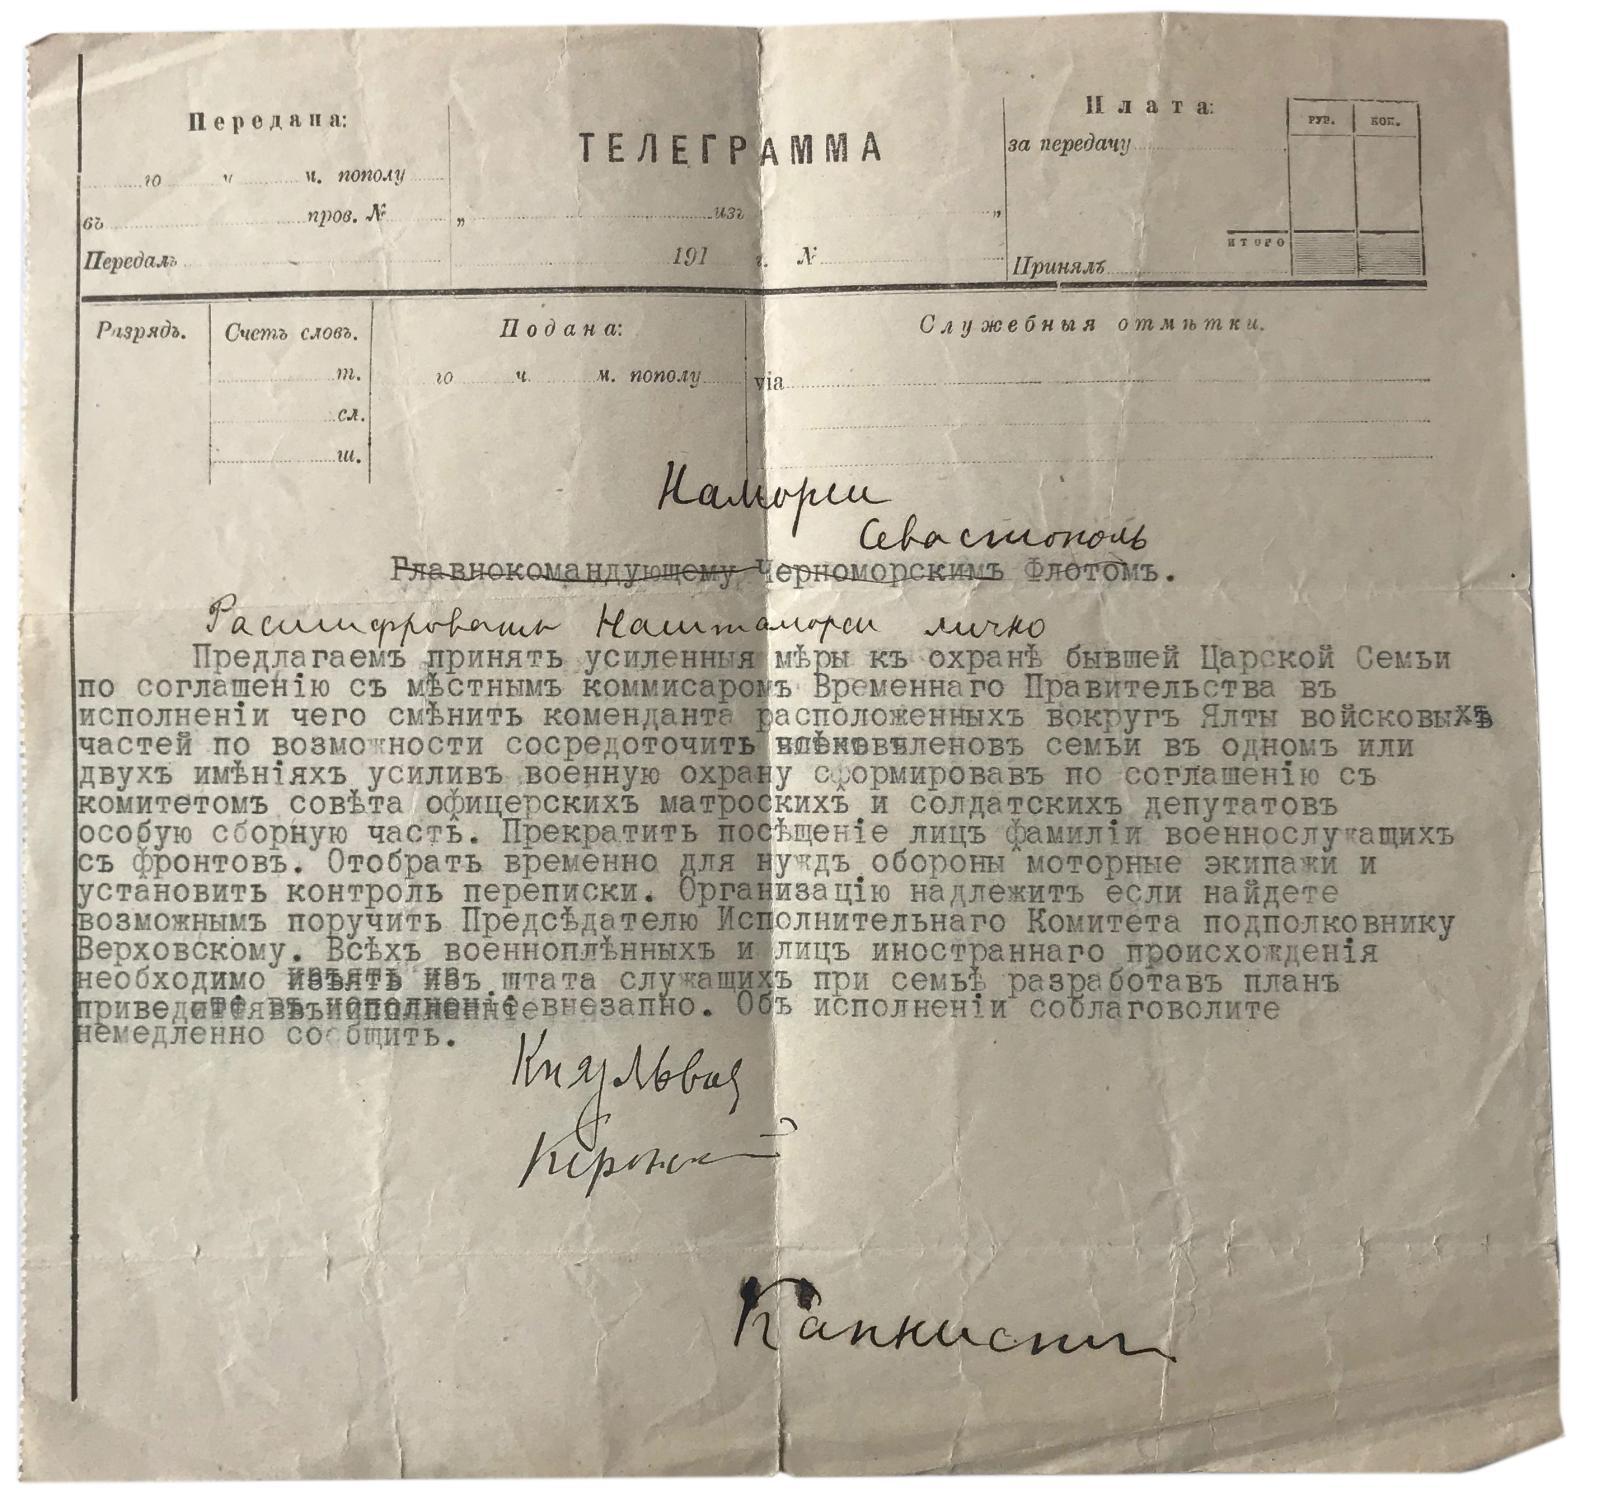 Prince Georges Evguenievitch Lvov (1861-1925), Alexandre Fedorivitch Kerensky (1881-1970), Alexis Pavlovitch Kapnist (1871-1918), télégram